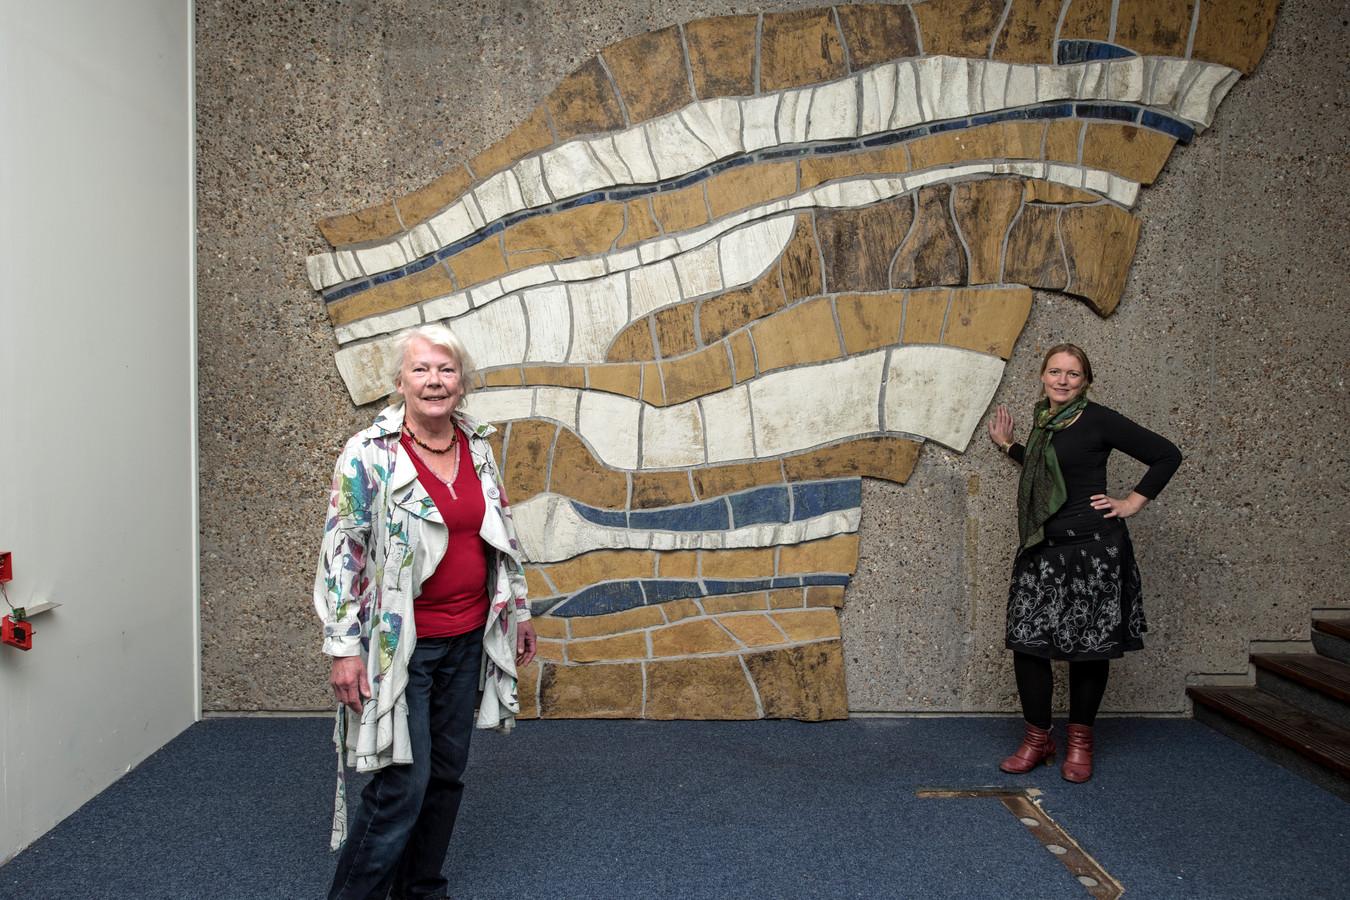 Kunstenares Elsa Westland (links) heeft zondagmiddag het startsein gegeven voor de crowdfundingsactie voor haar wand-reliëf in het oude GAK-gebouw. Dochter Magdaleen van Eersel (rechts) is één van de initiators van het project.